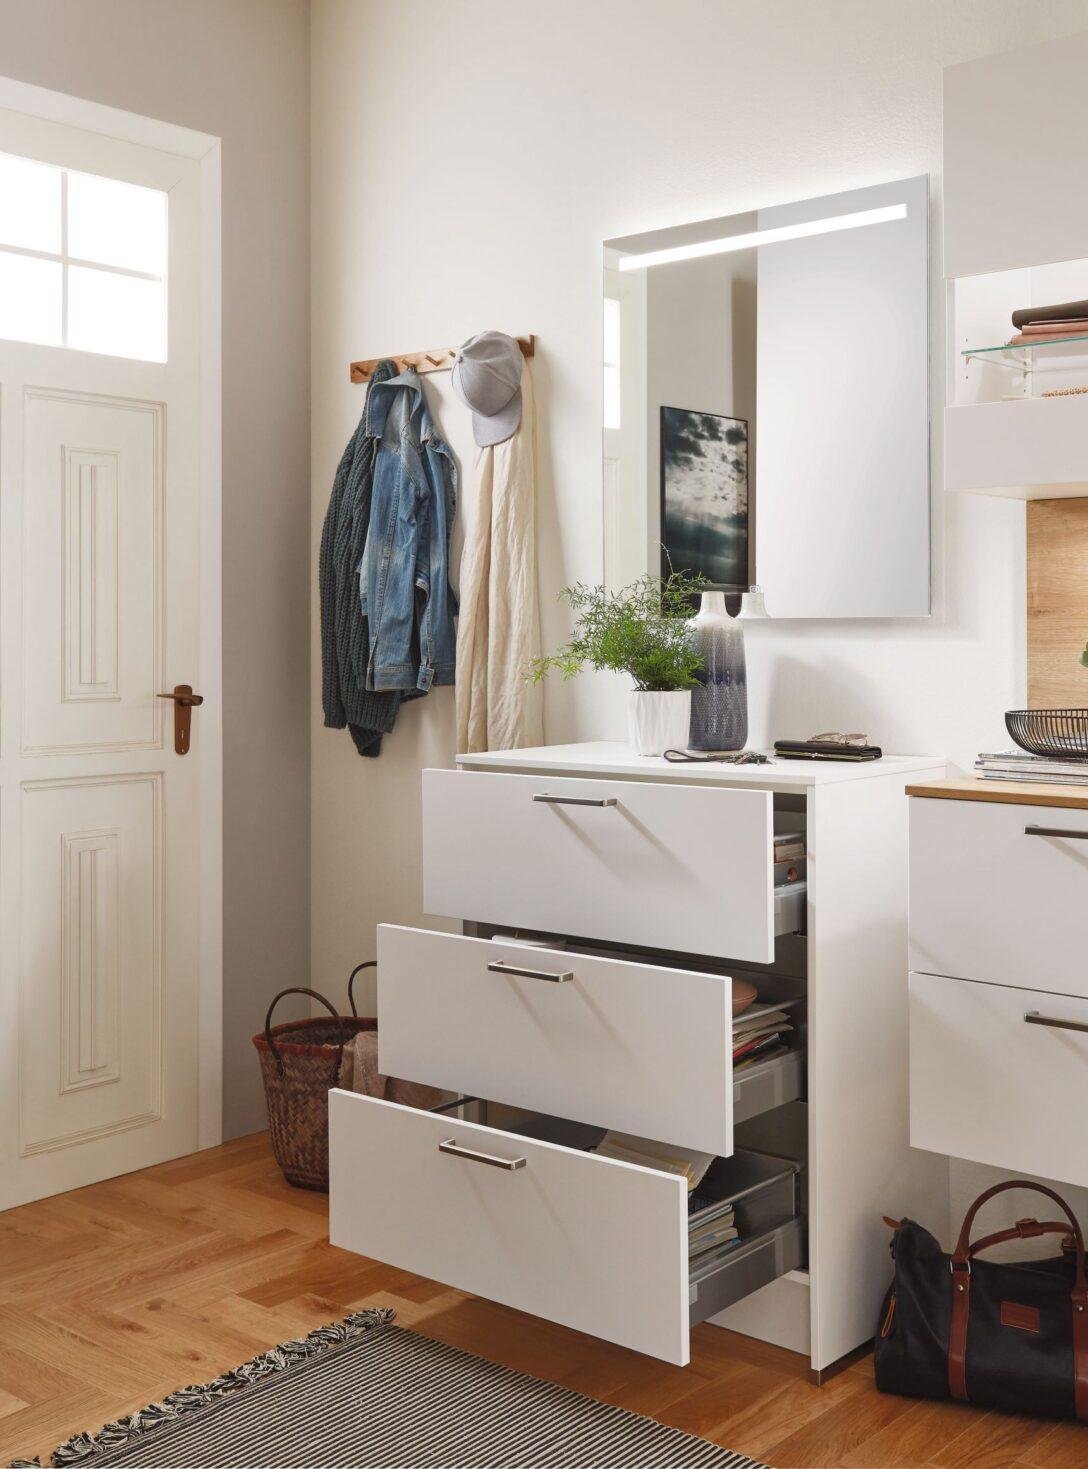 Large Size of Nobilia Kommode Mit 3 Schubladen 80 Cm Unterschrank Wei U3a Küche Einbauküche Wohnzimmer Nobilia Besteckeinsatz